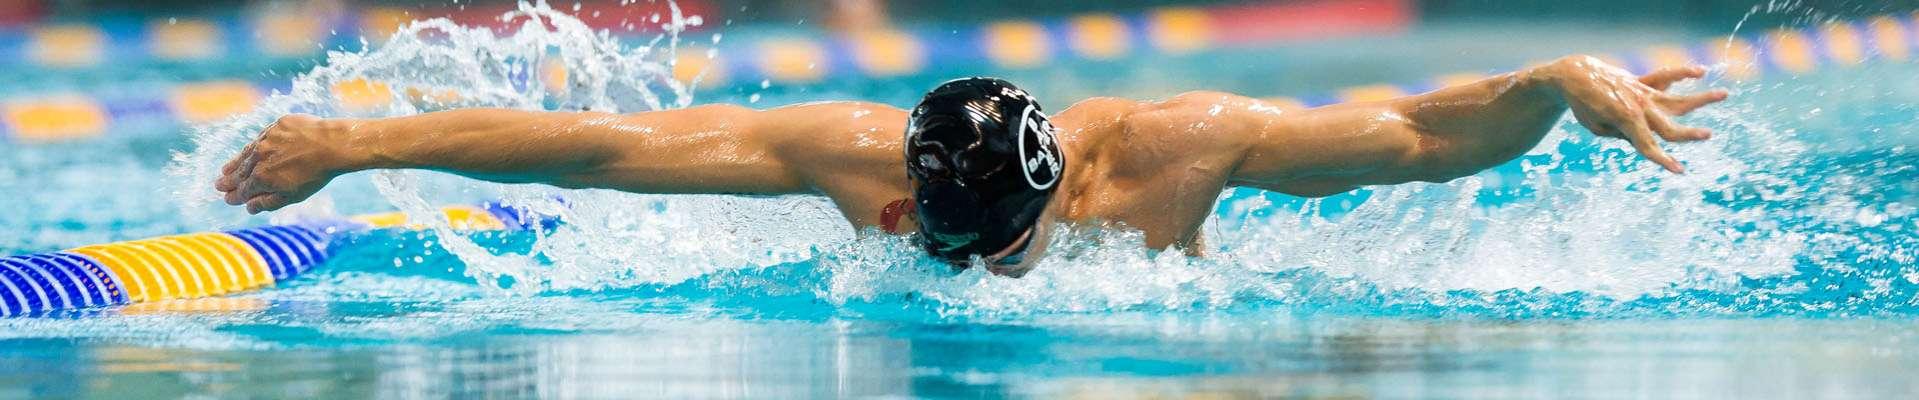 Teaser Vermarktungspartner des LSB NRW: Schwimmer taucht ab